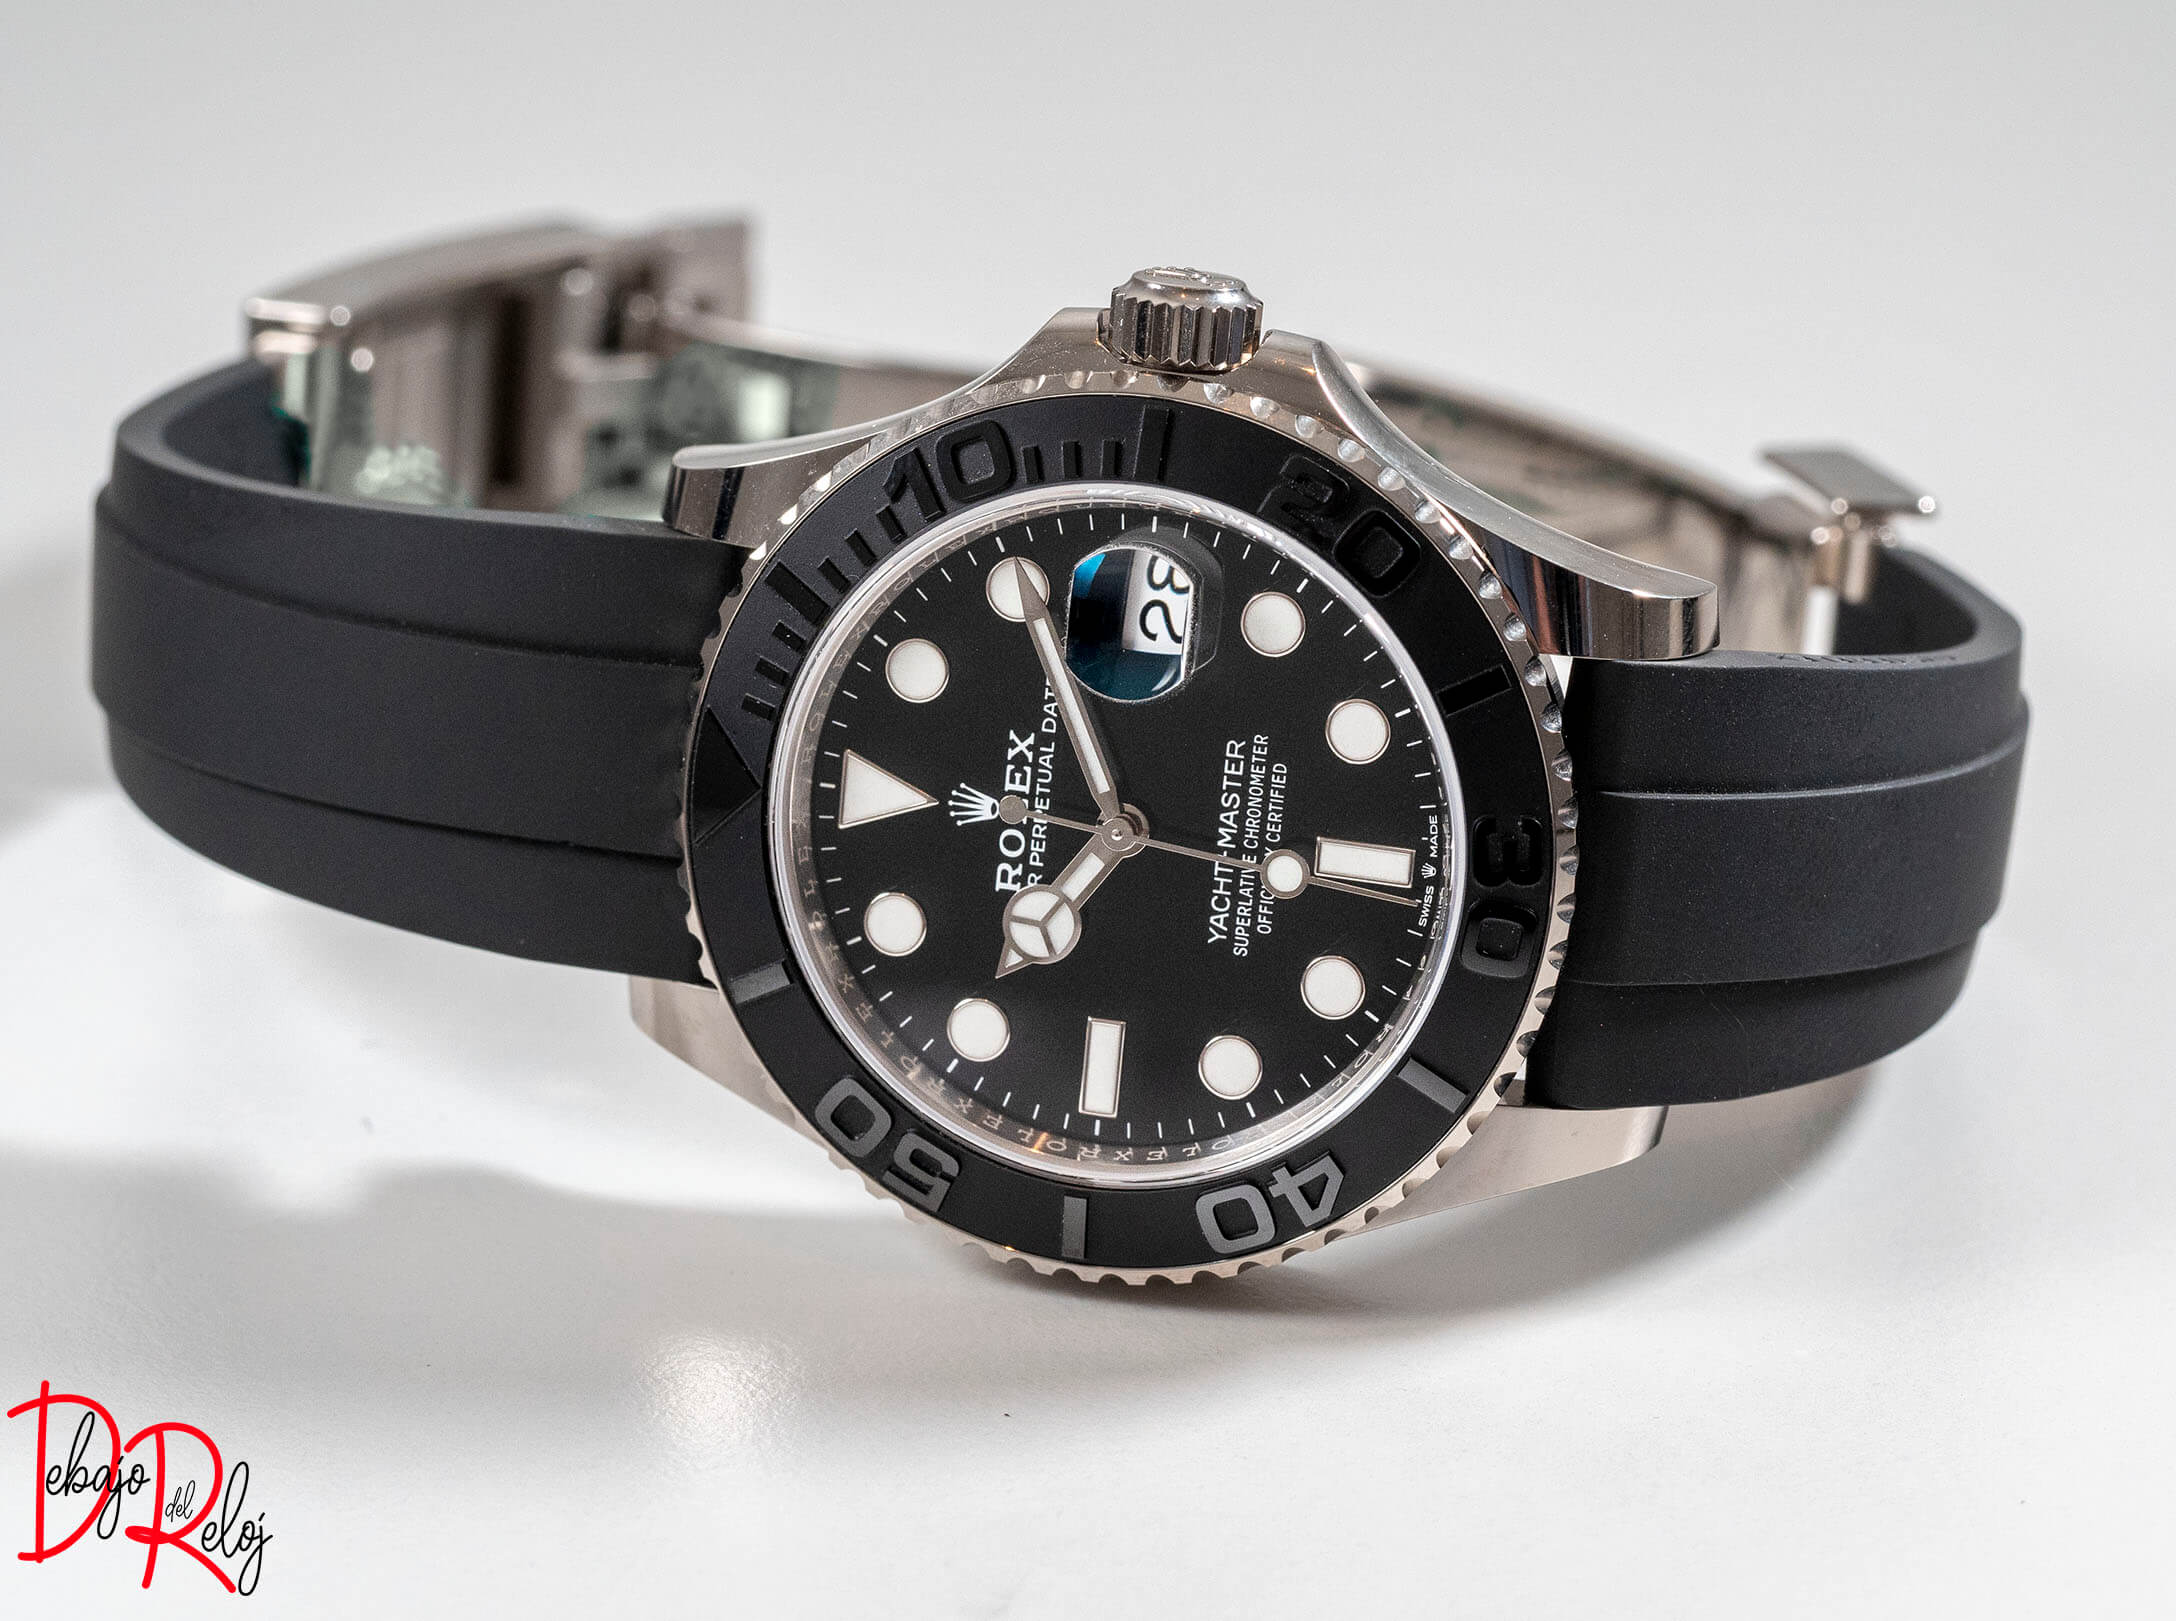 rolex yacht master 42 frontal debajo del reloj